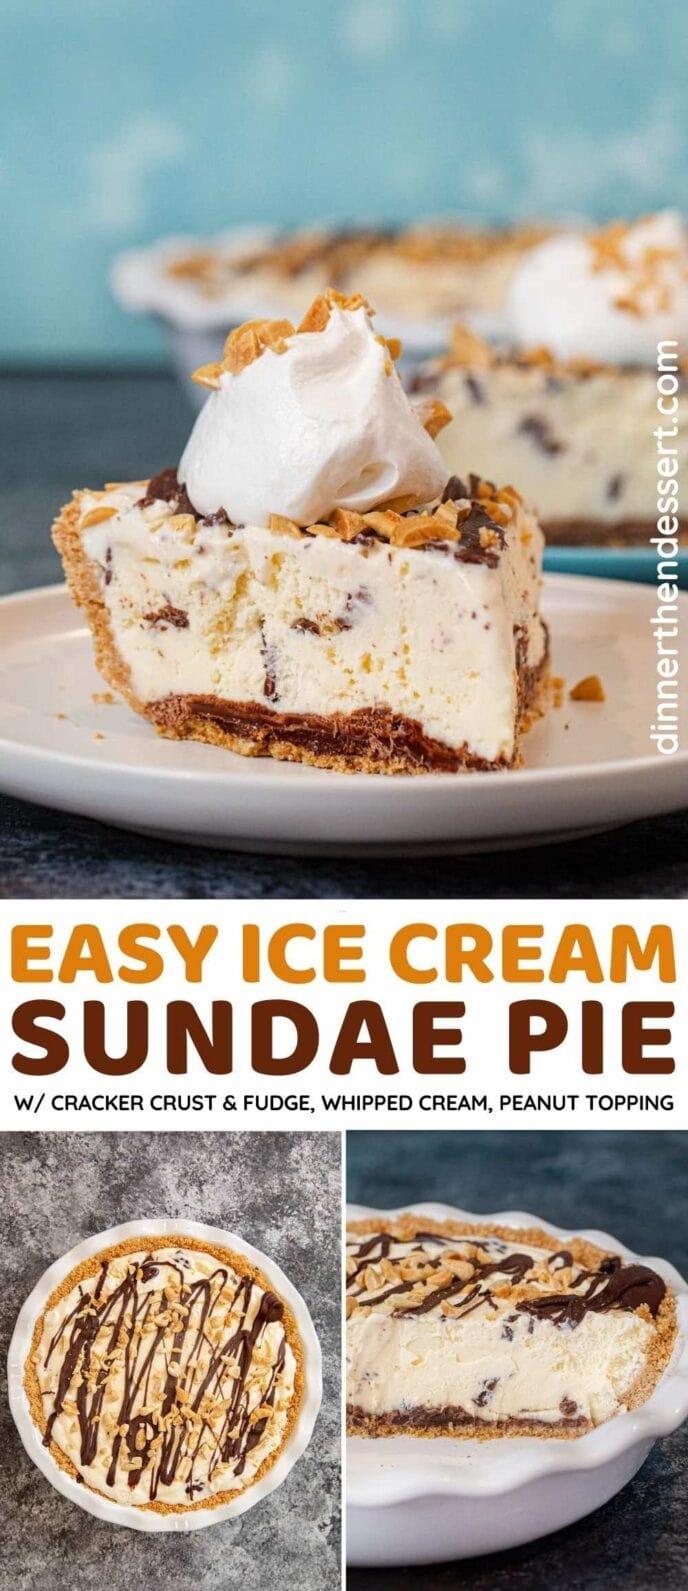 Ice Cream Sundae Pie collage